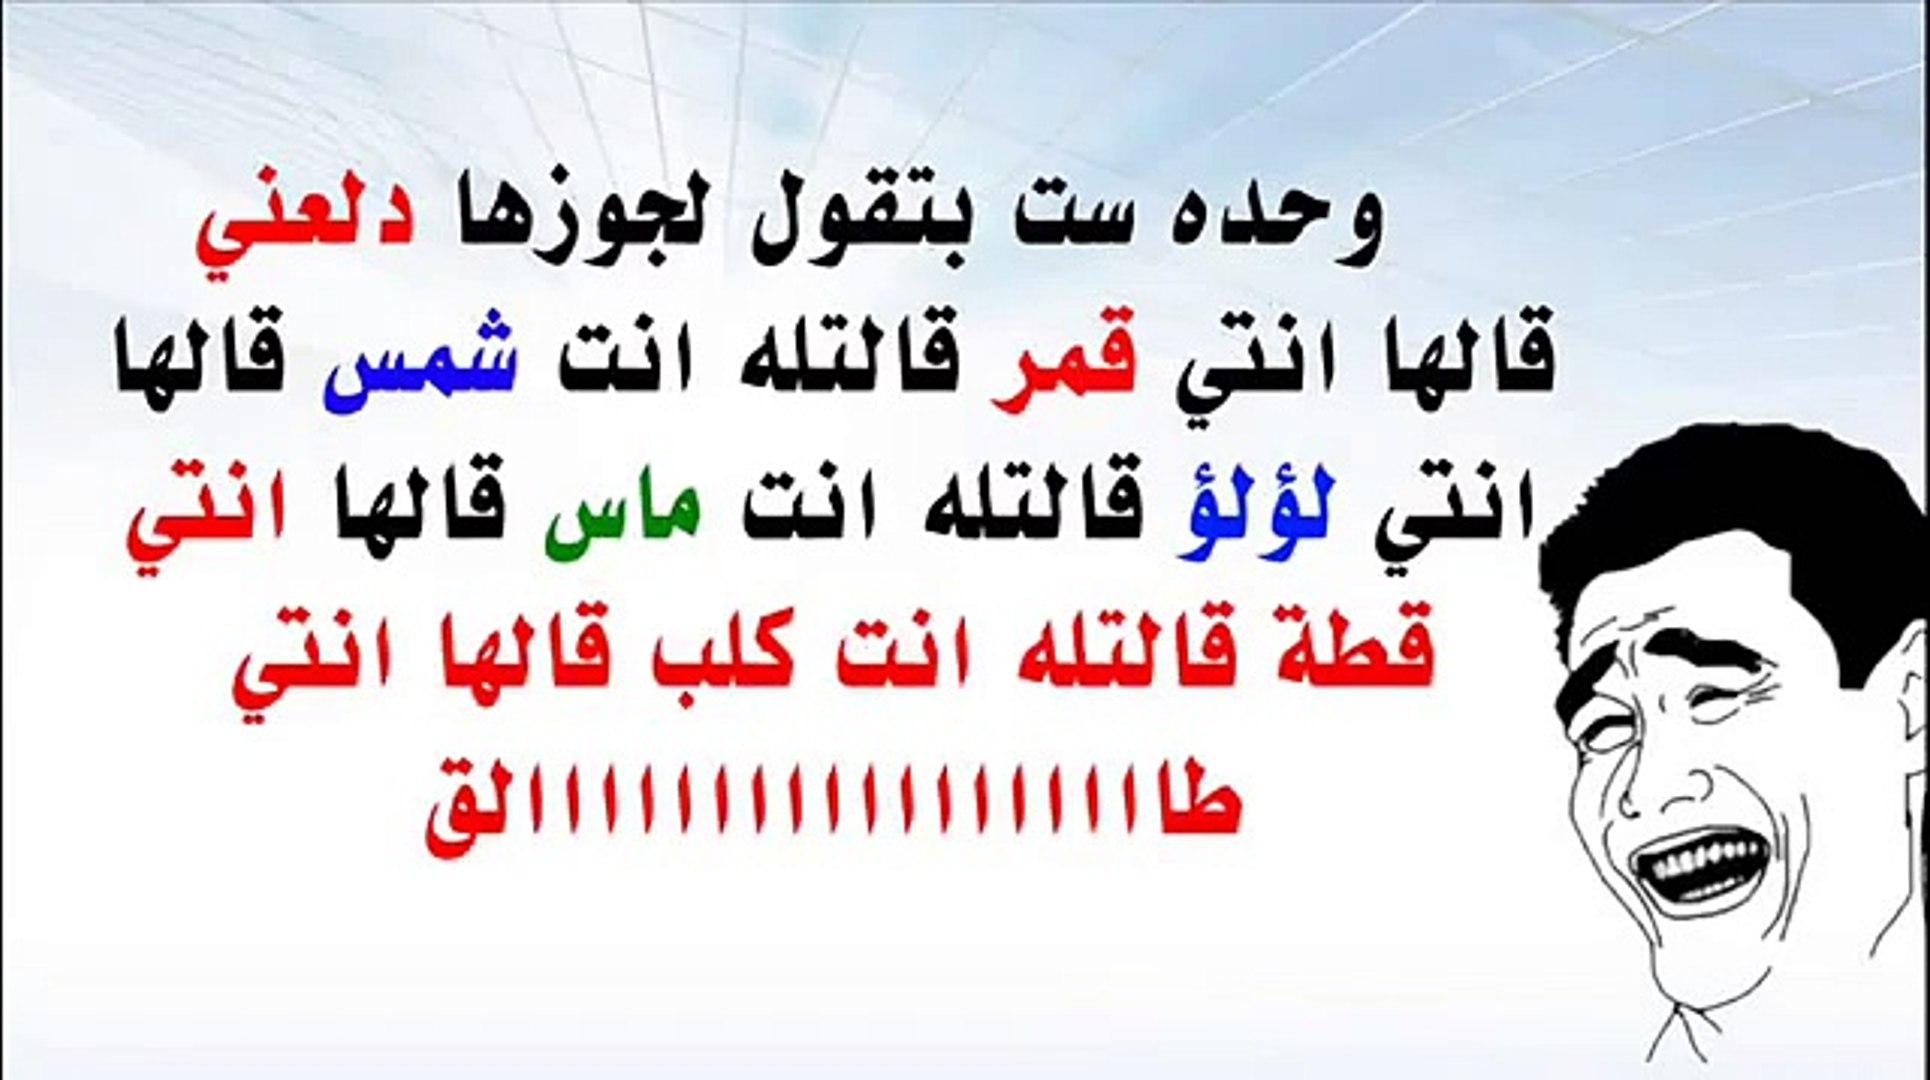 نكت جريئة من بنت مضحكة مصرية للكبار نكت متزوجين قبيحة جديده Dailymotion Video